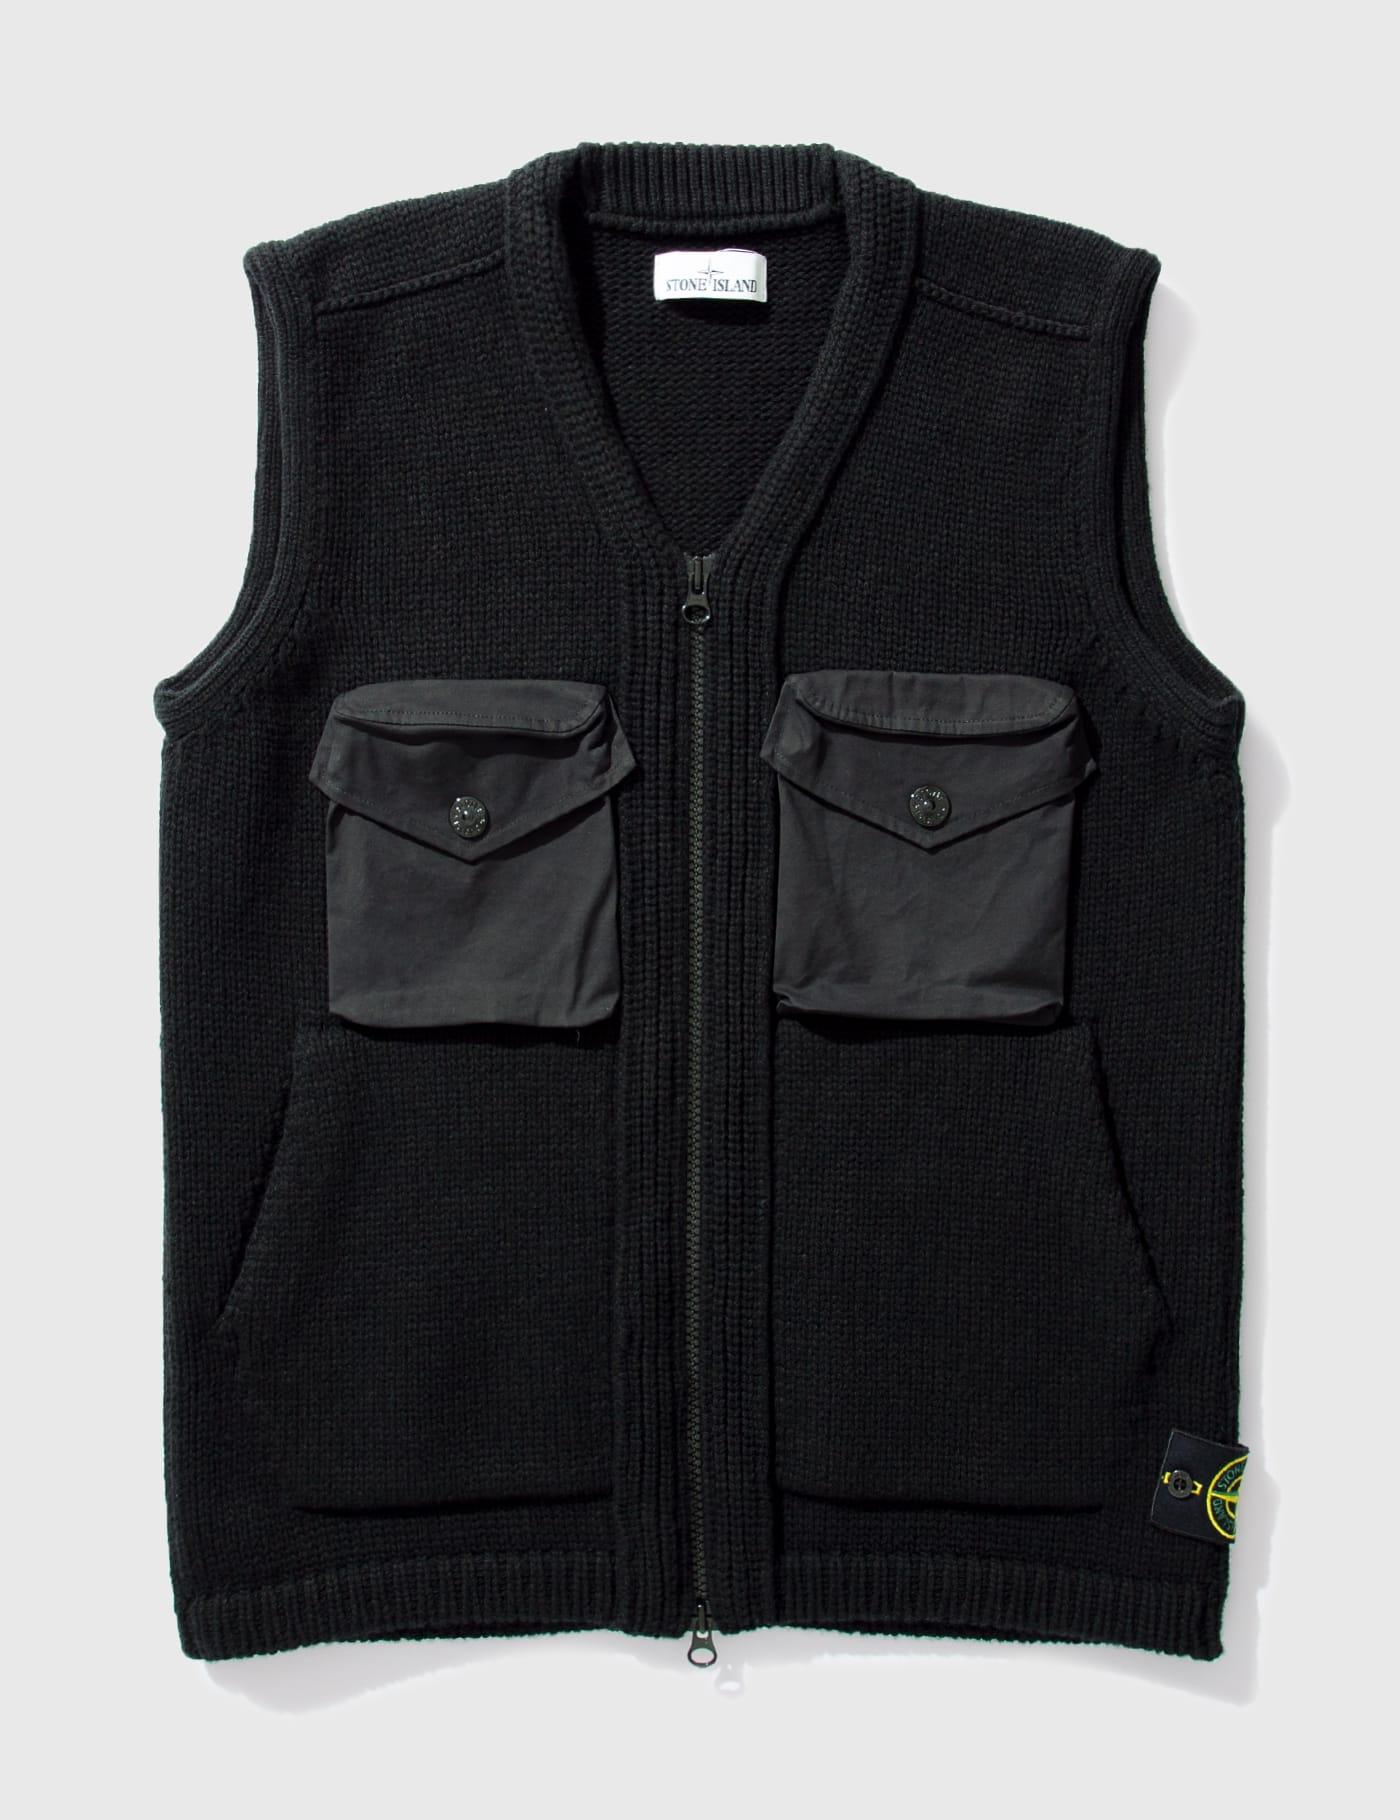 스톤 아일랜드 니트 조끼 Stone Island Nylon Pocket Knitted Vest